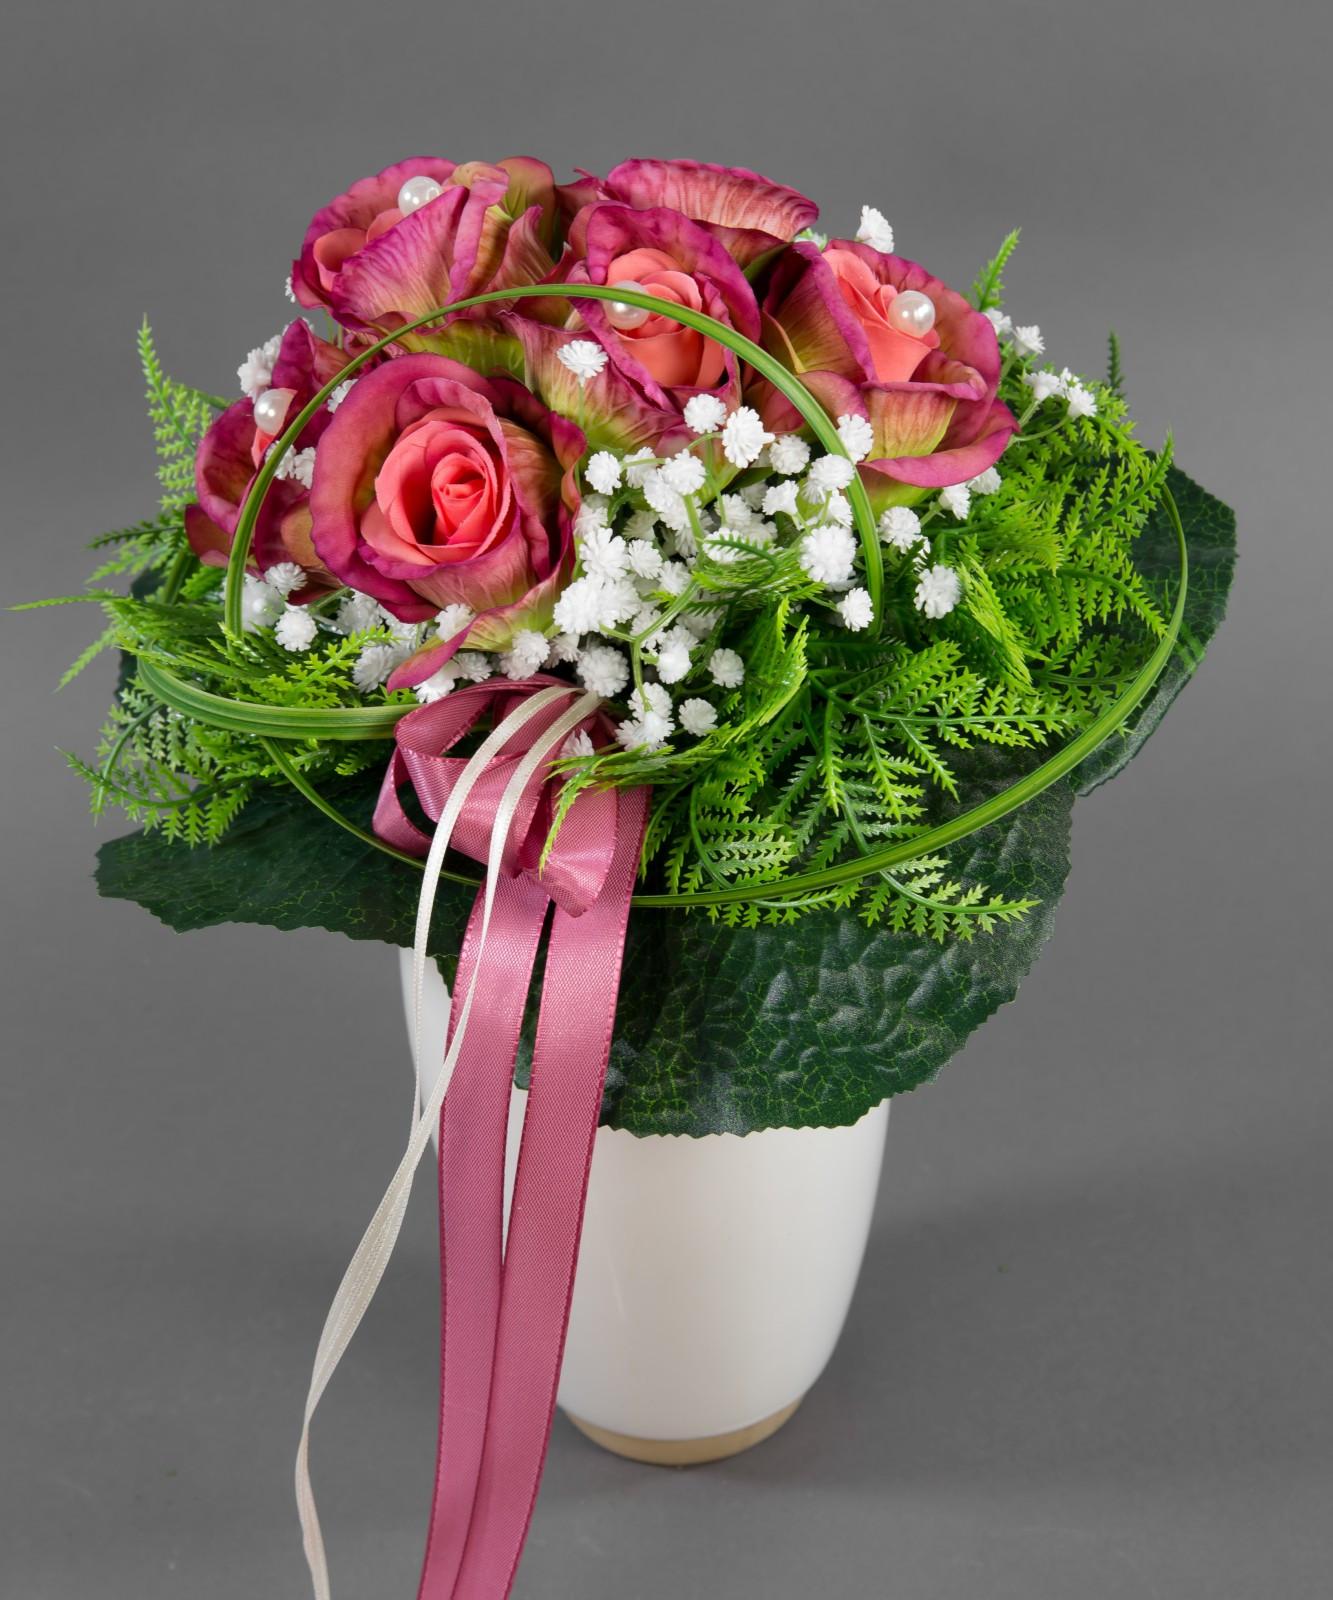 Künstlicher Brautstrauß  Brautstrauß rosa fuchsia grün mit Rosen Kunstblumen